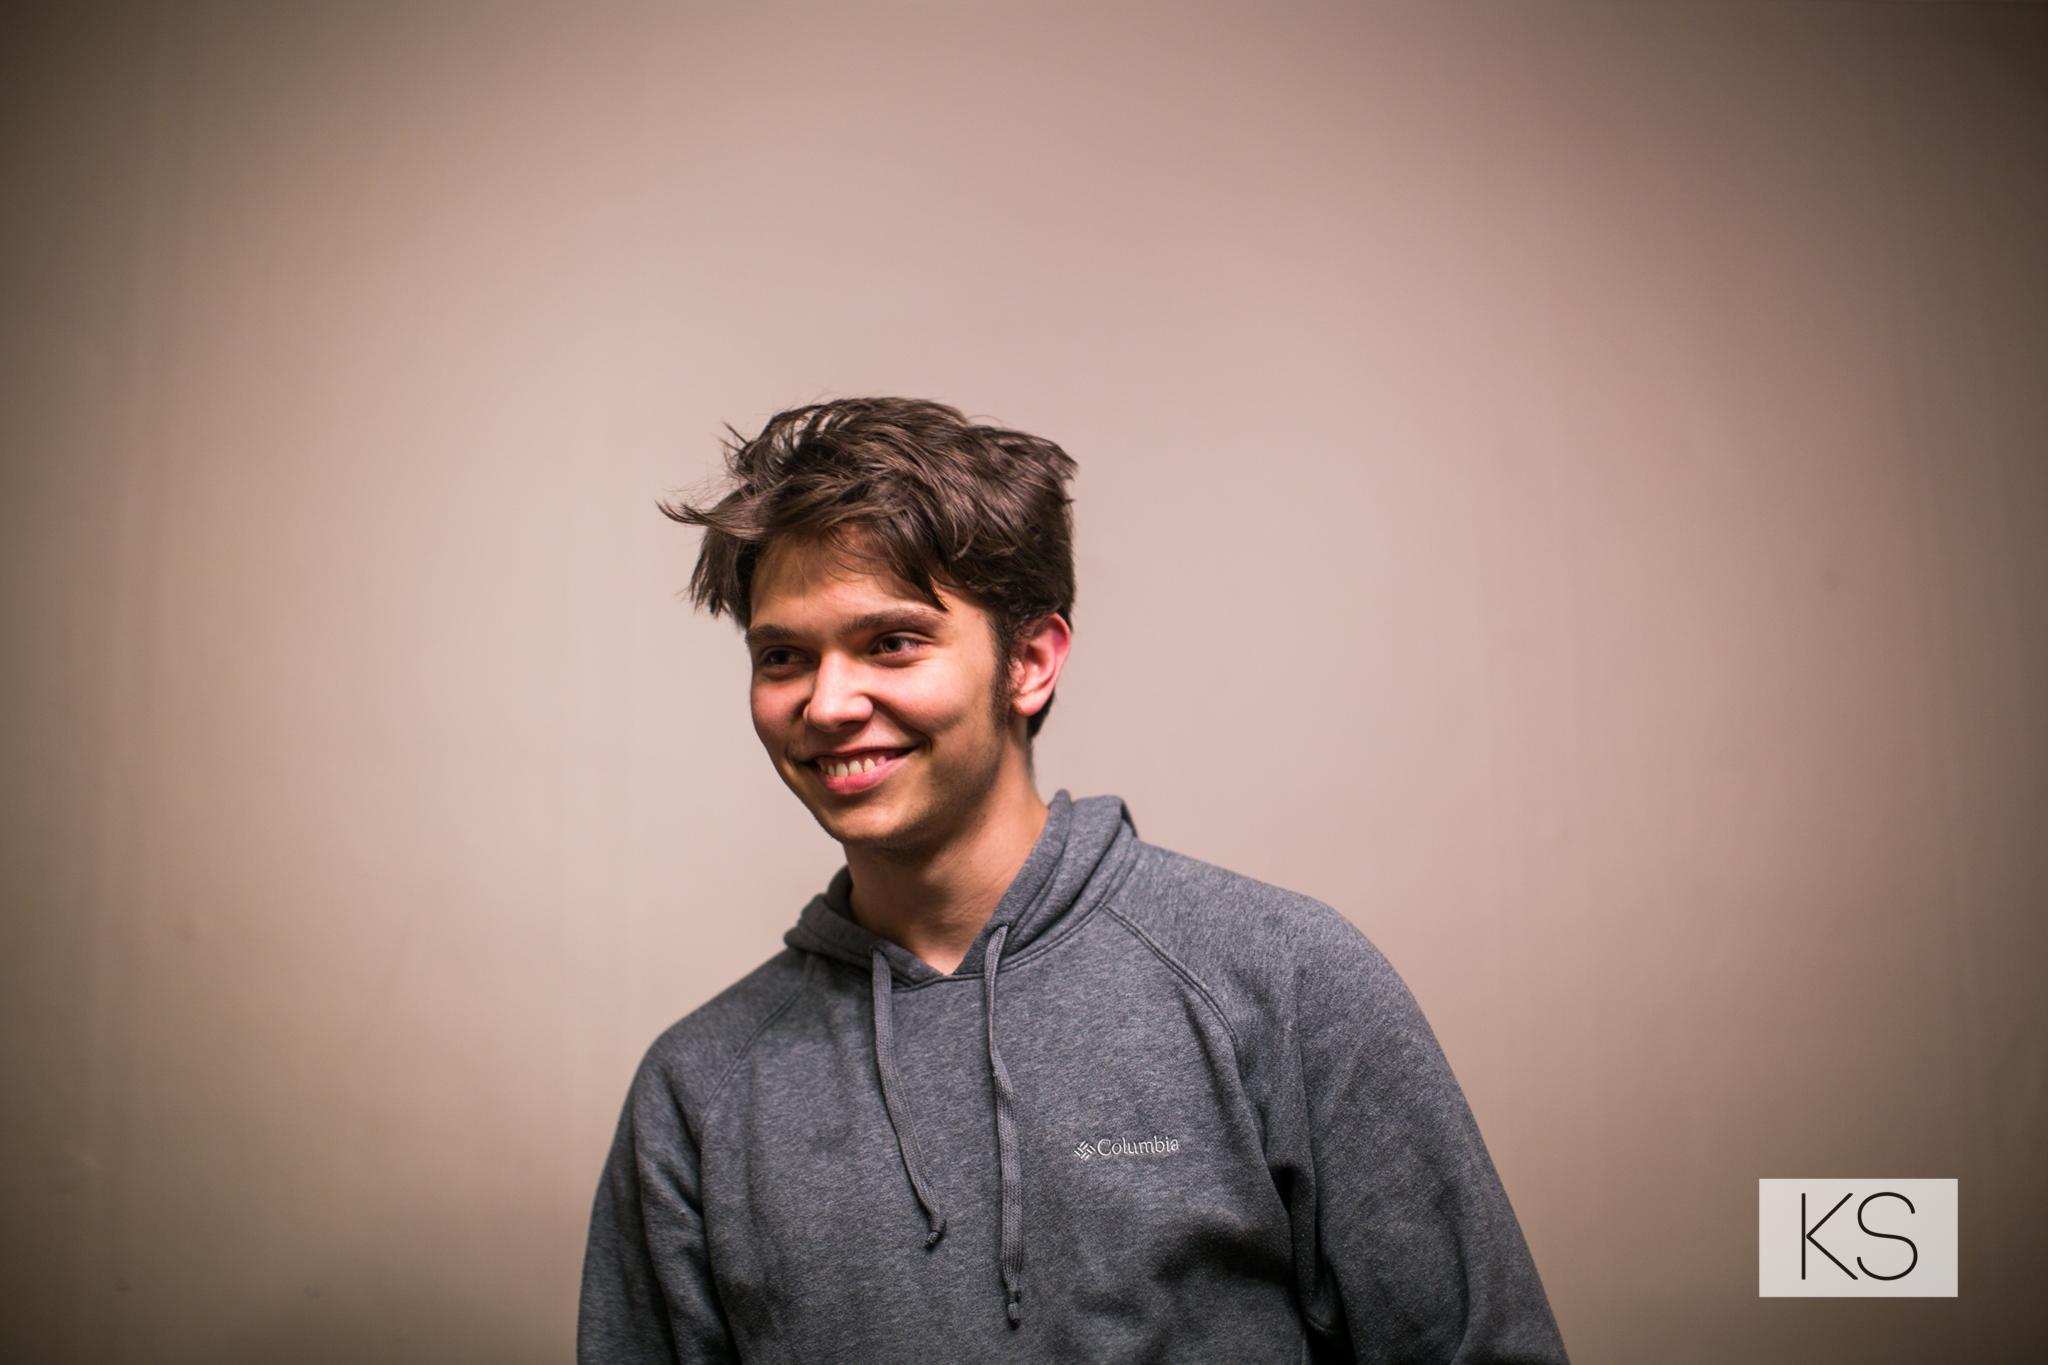 Ben Smiling.jpg